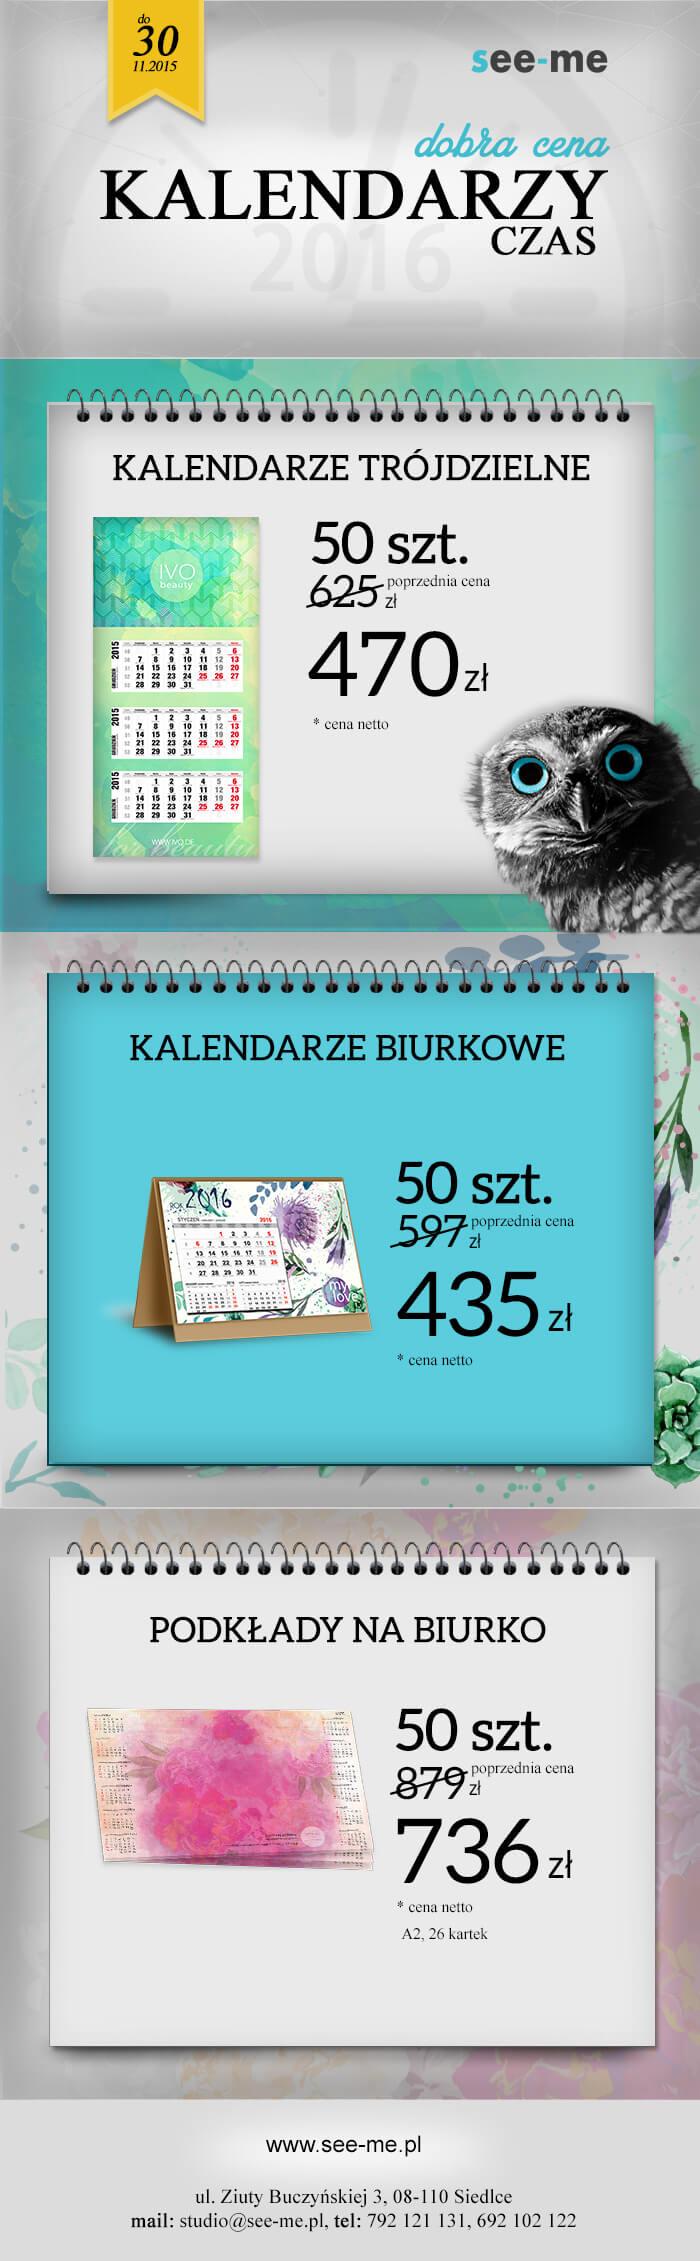 kalendarze-2016